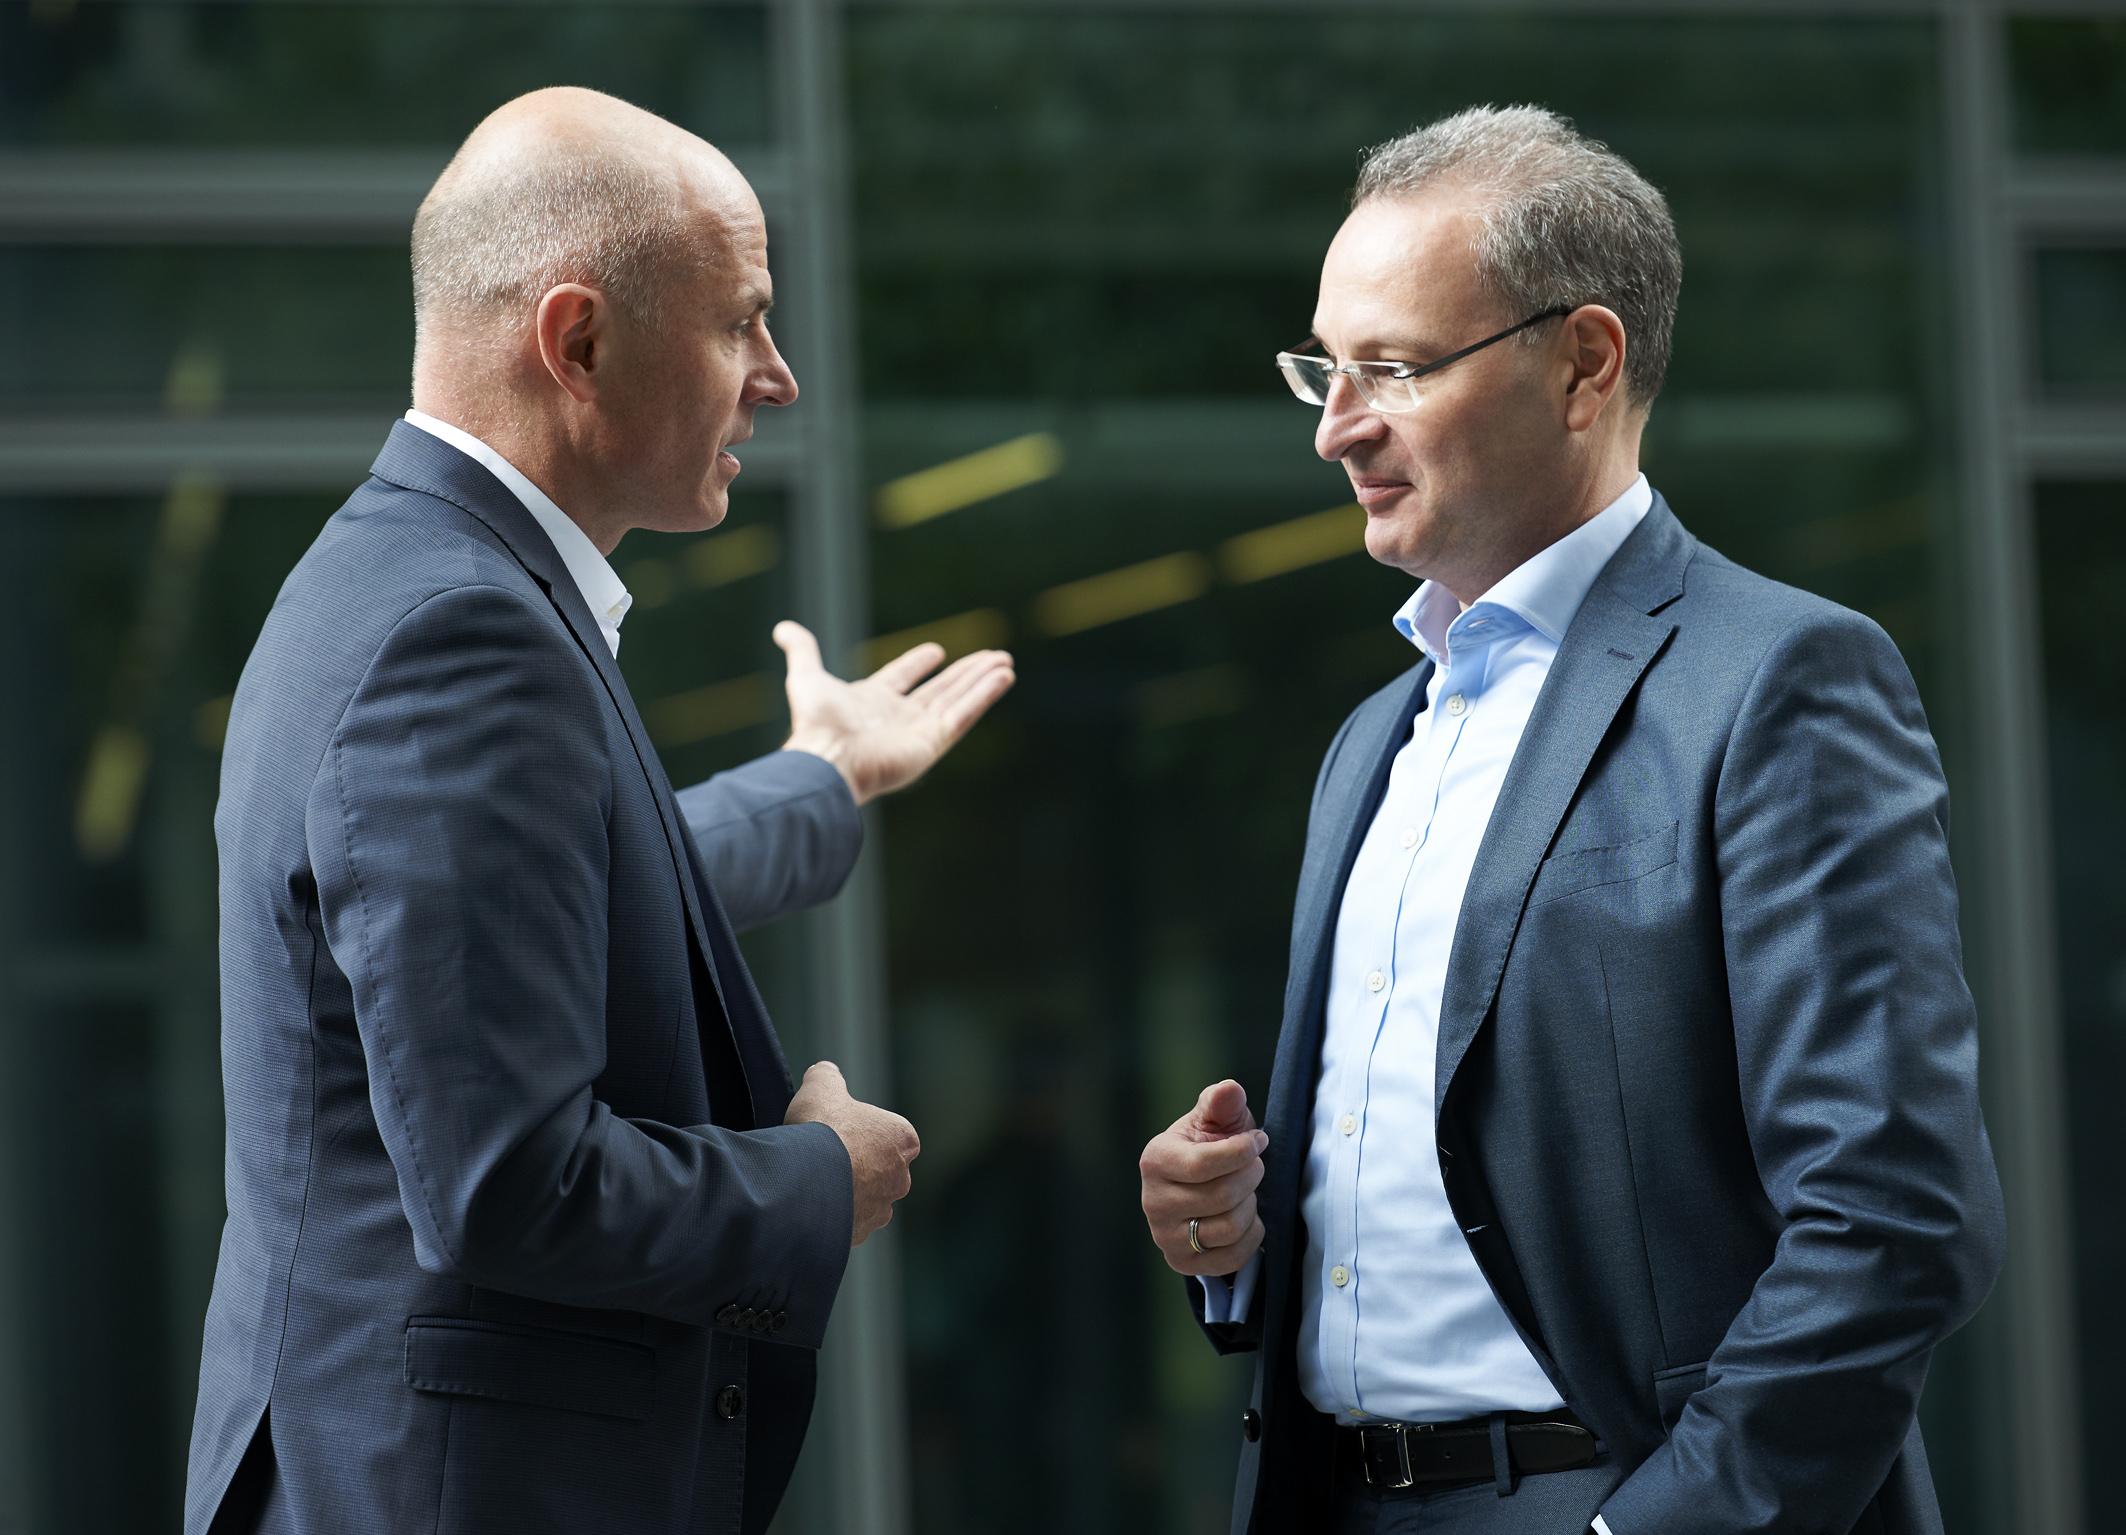 Suche: Maklerbestand in NRW als Bestandsverkauf oder Unternehmensverkauf